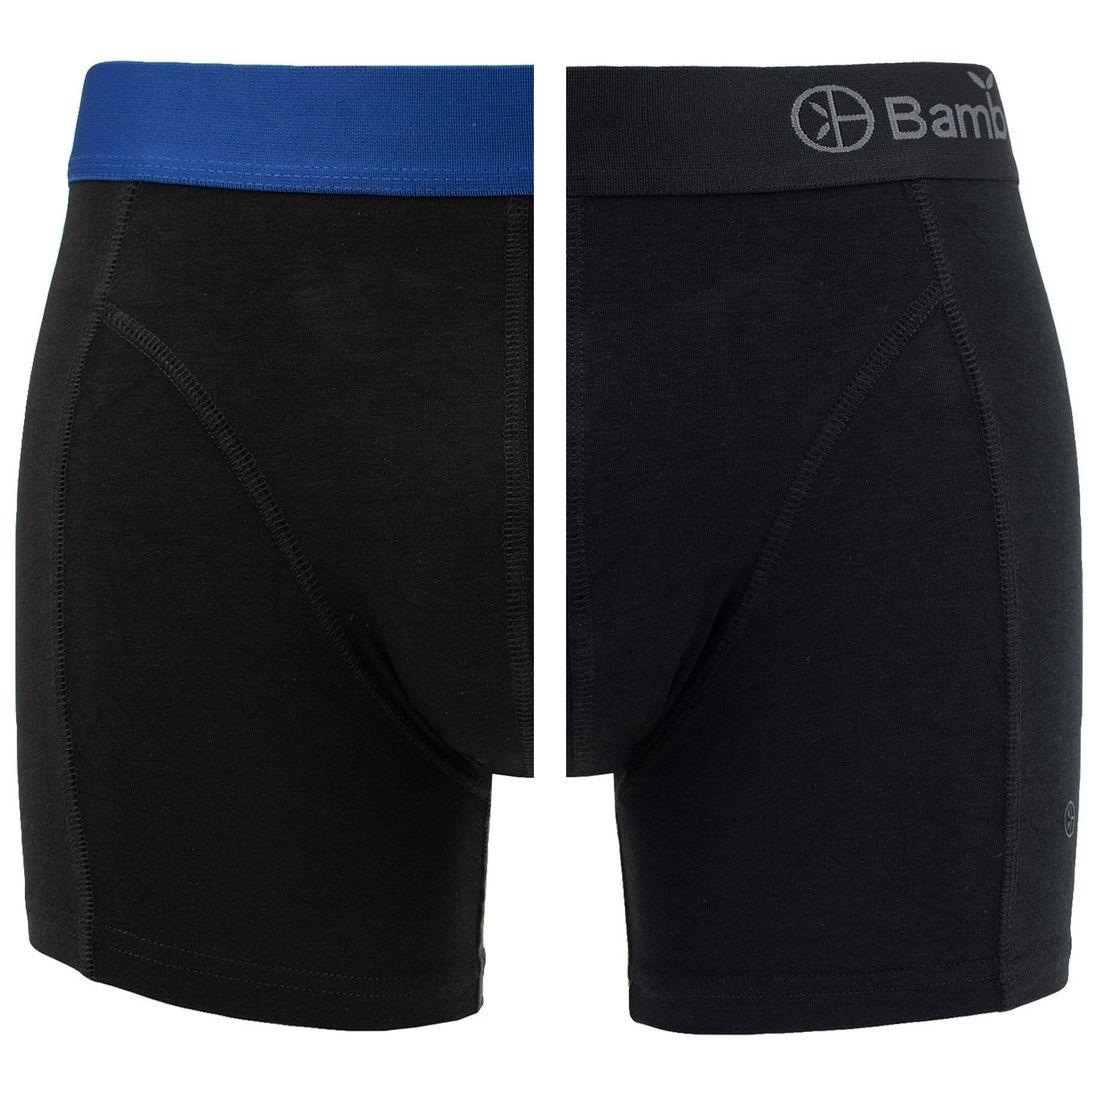 Afbeelding van Bamboo Basics boxers levi 2 pack zwart & blauw heren